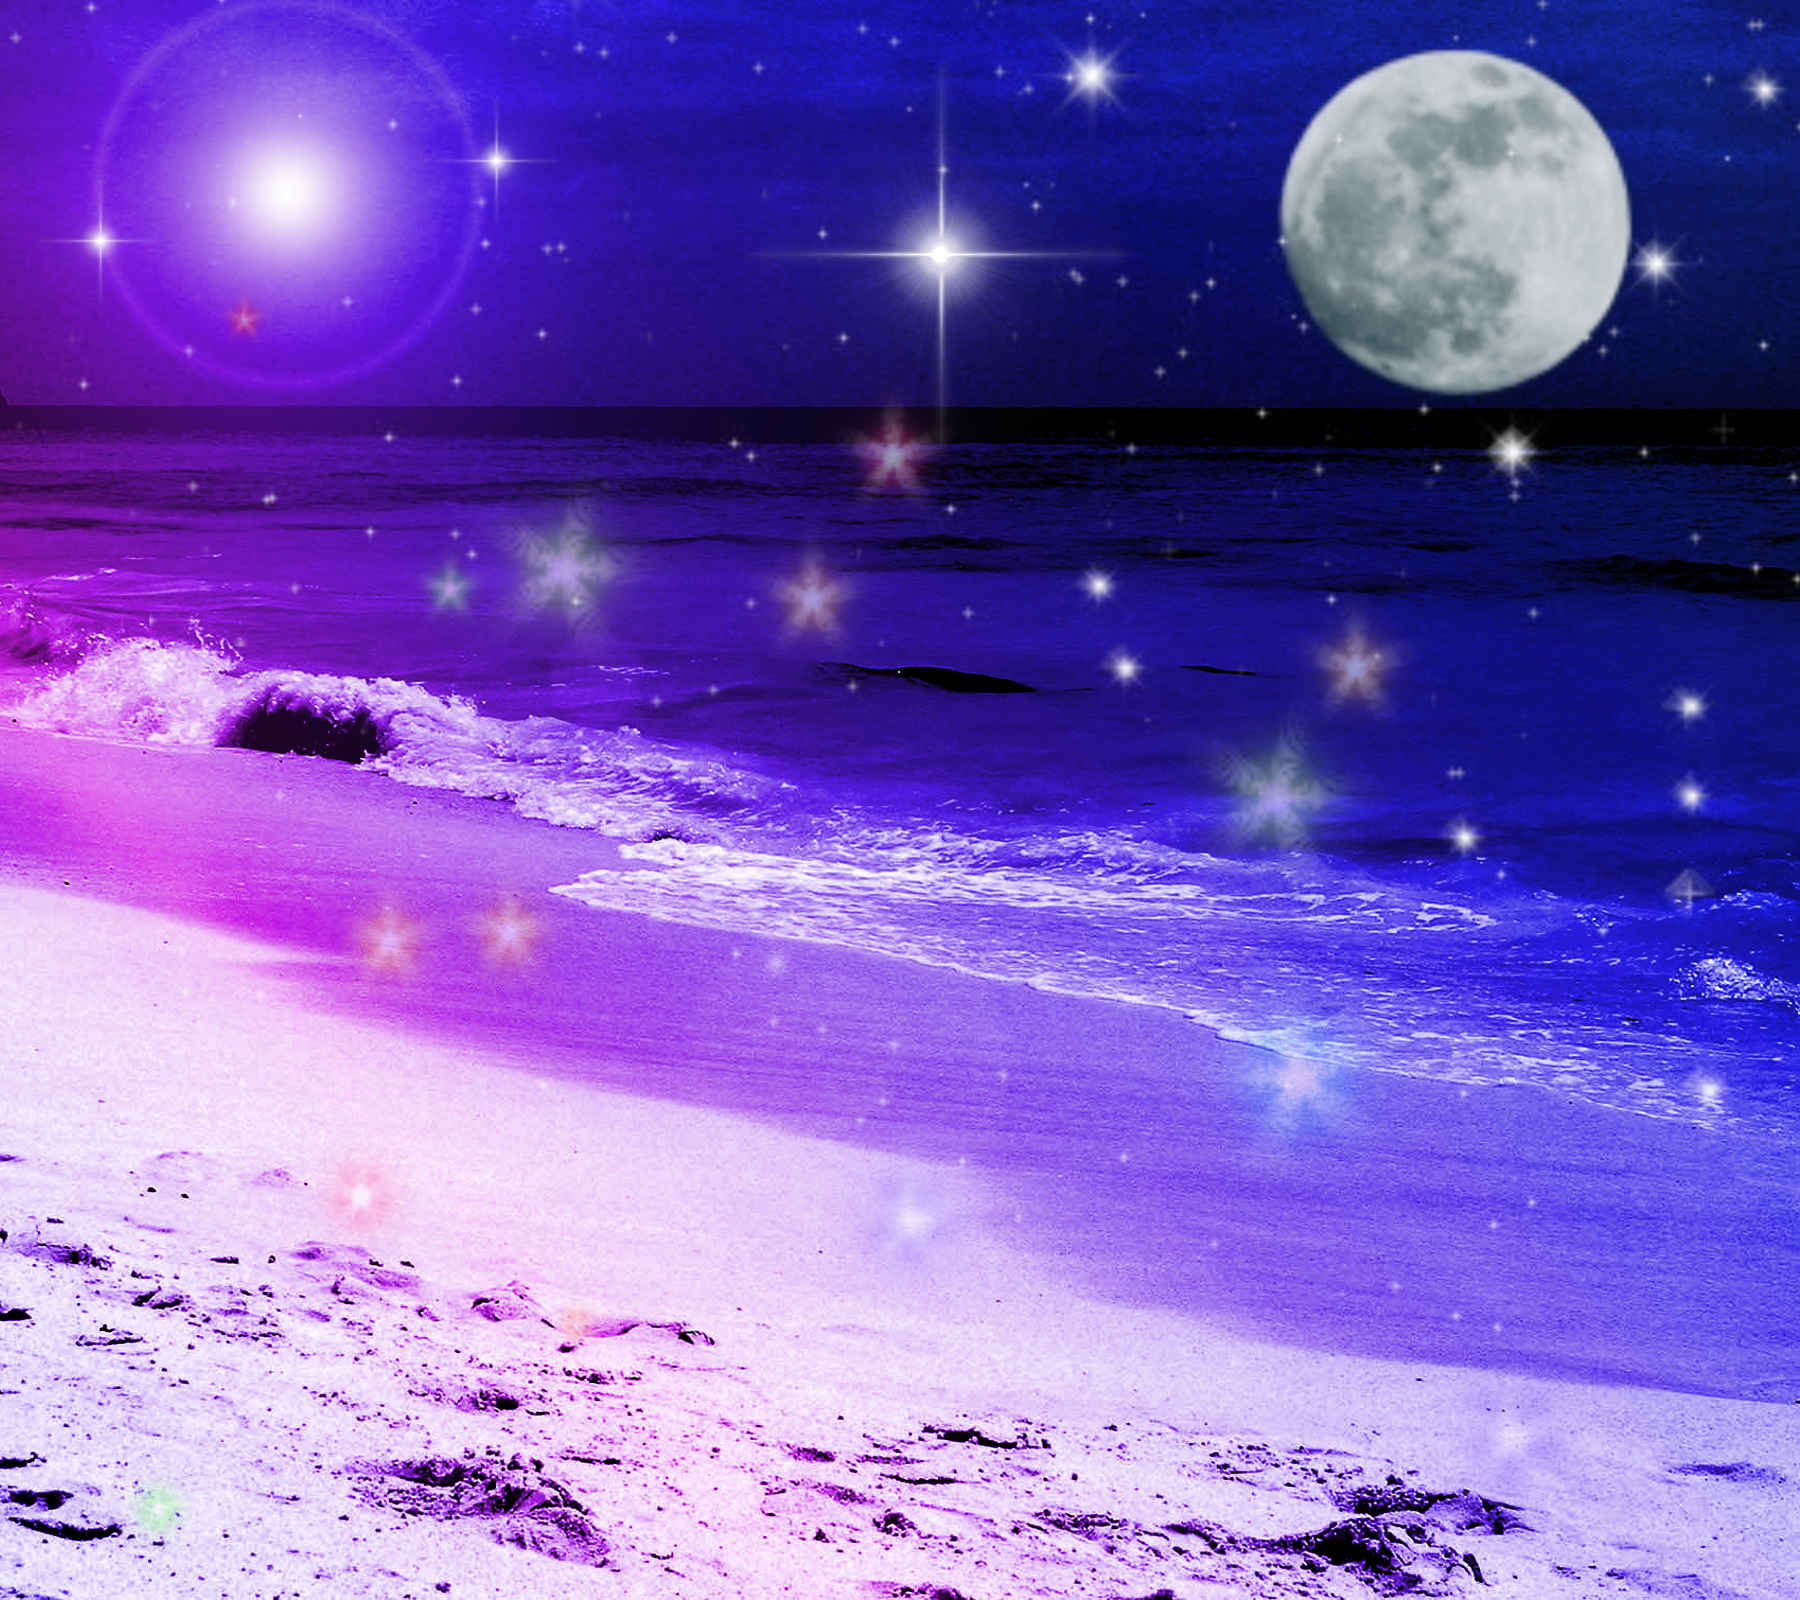 download wallpapers purple ocean - photo #34